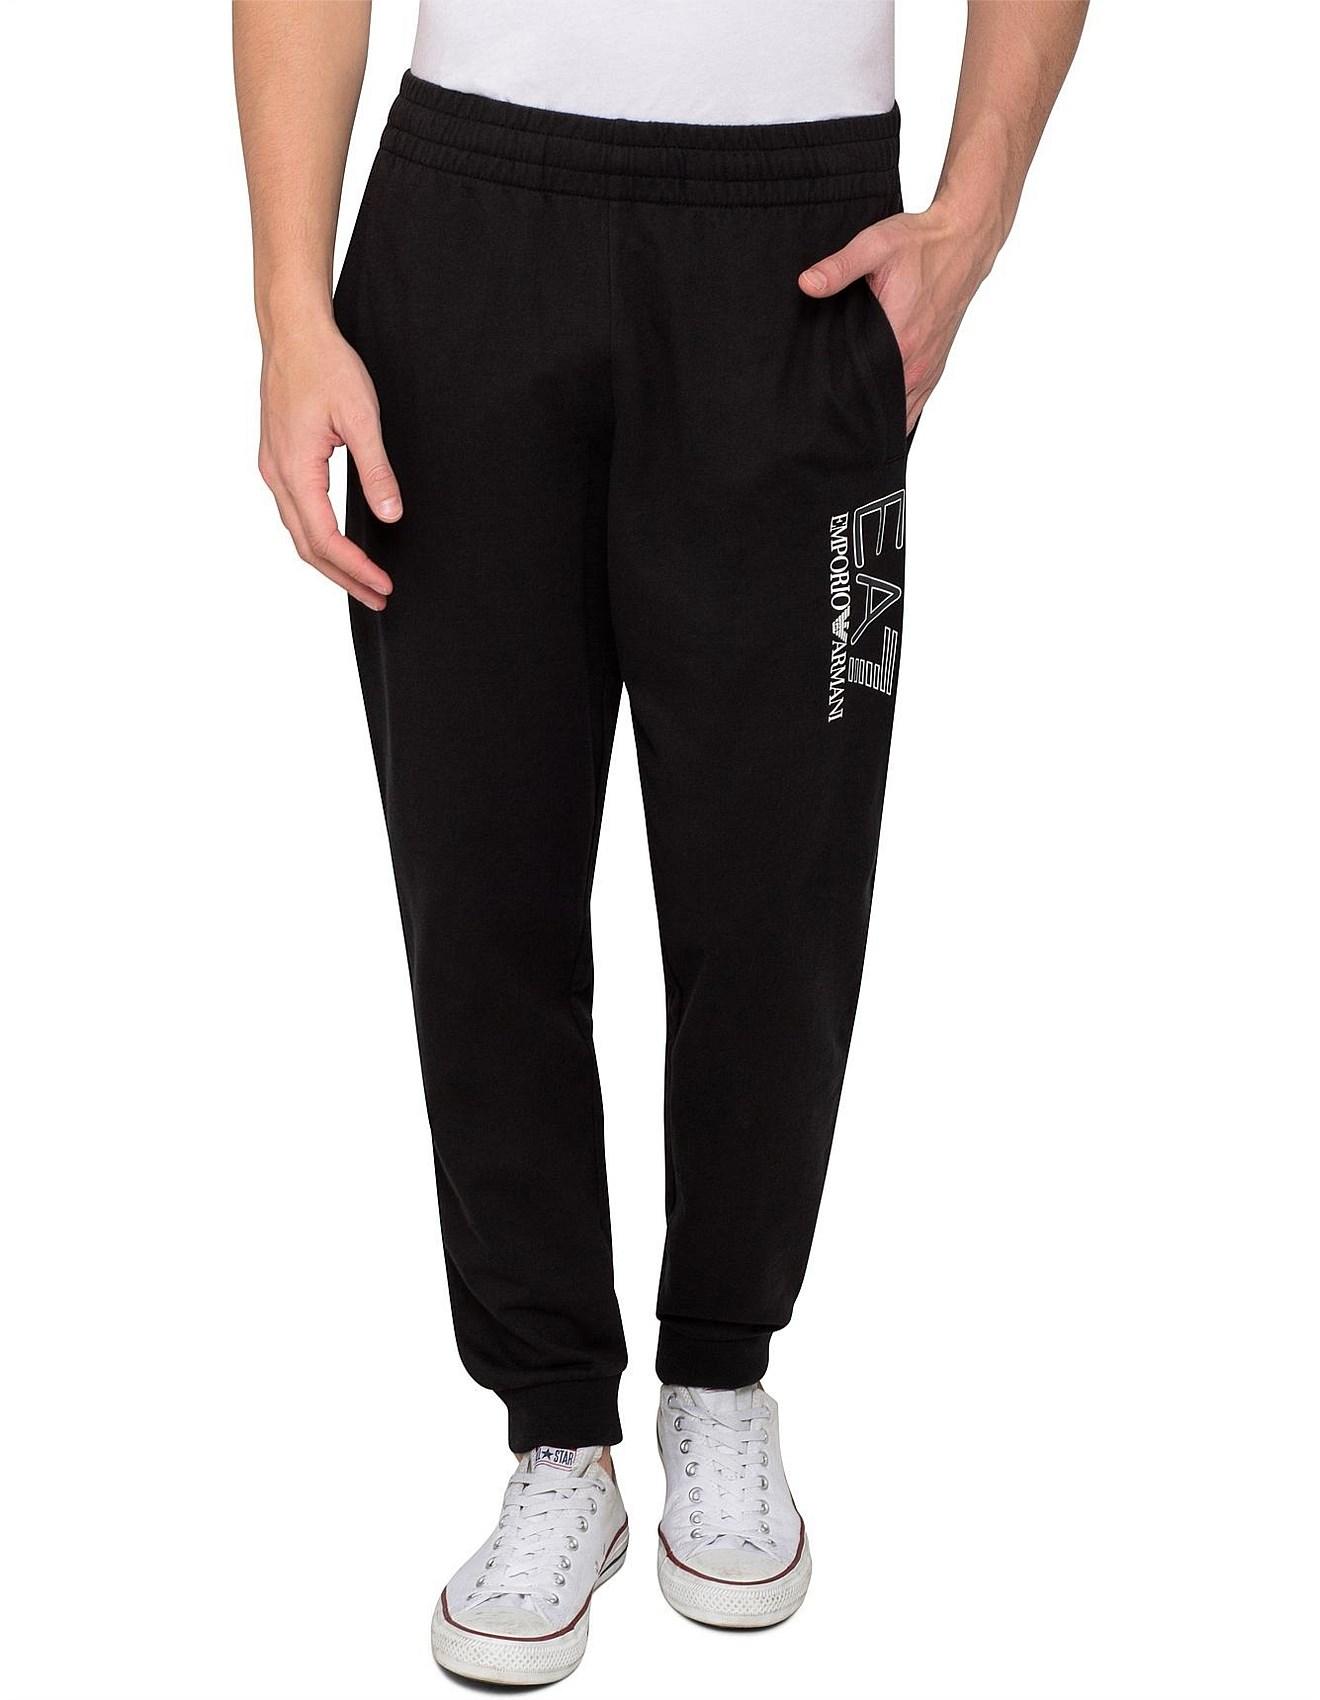 8bd49c501f Men's Track Pants & Joggers | Trackies Online | David Jones - EA7 JOGGER